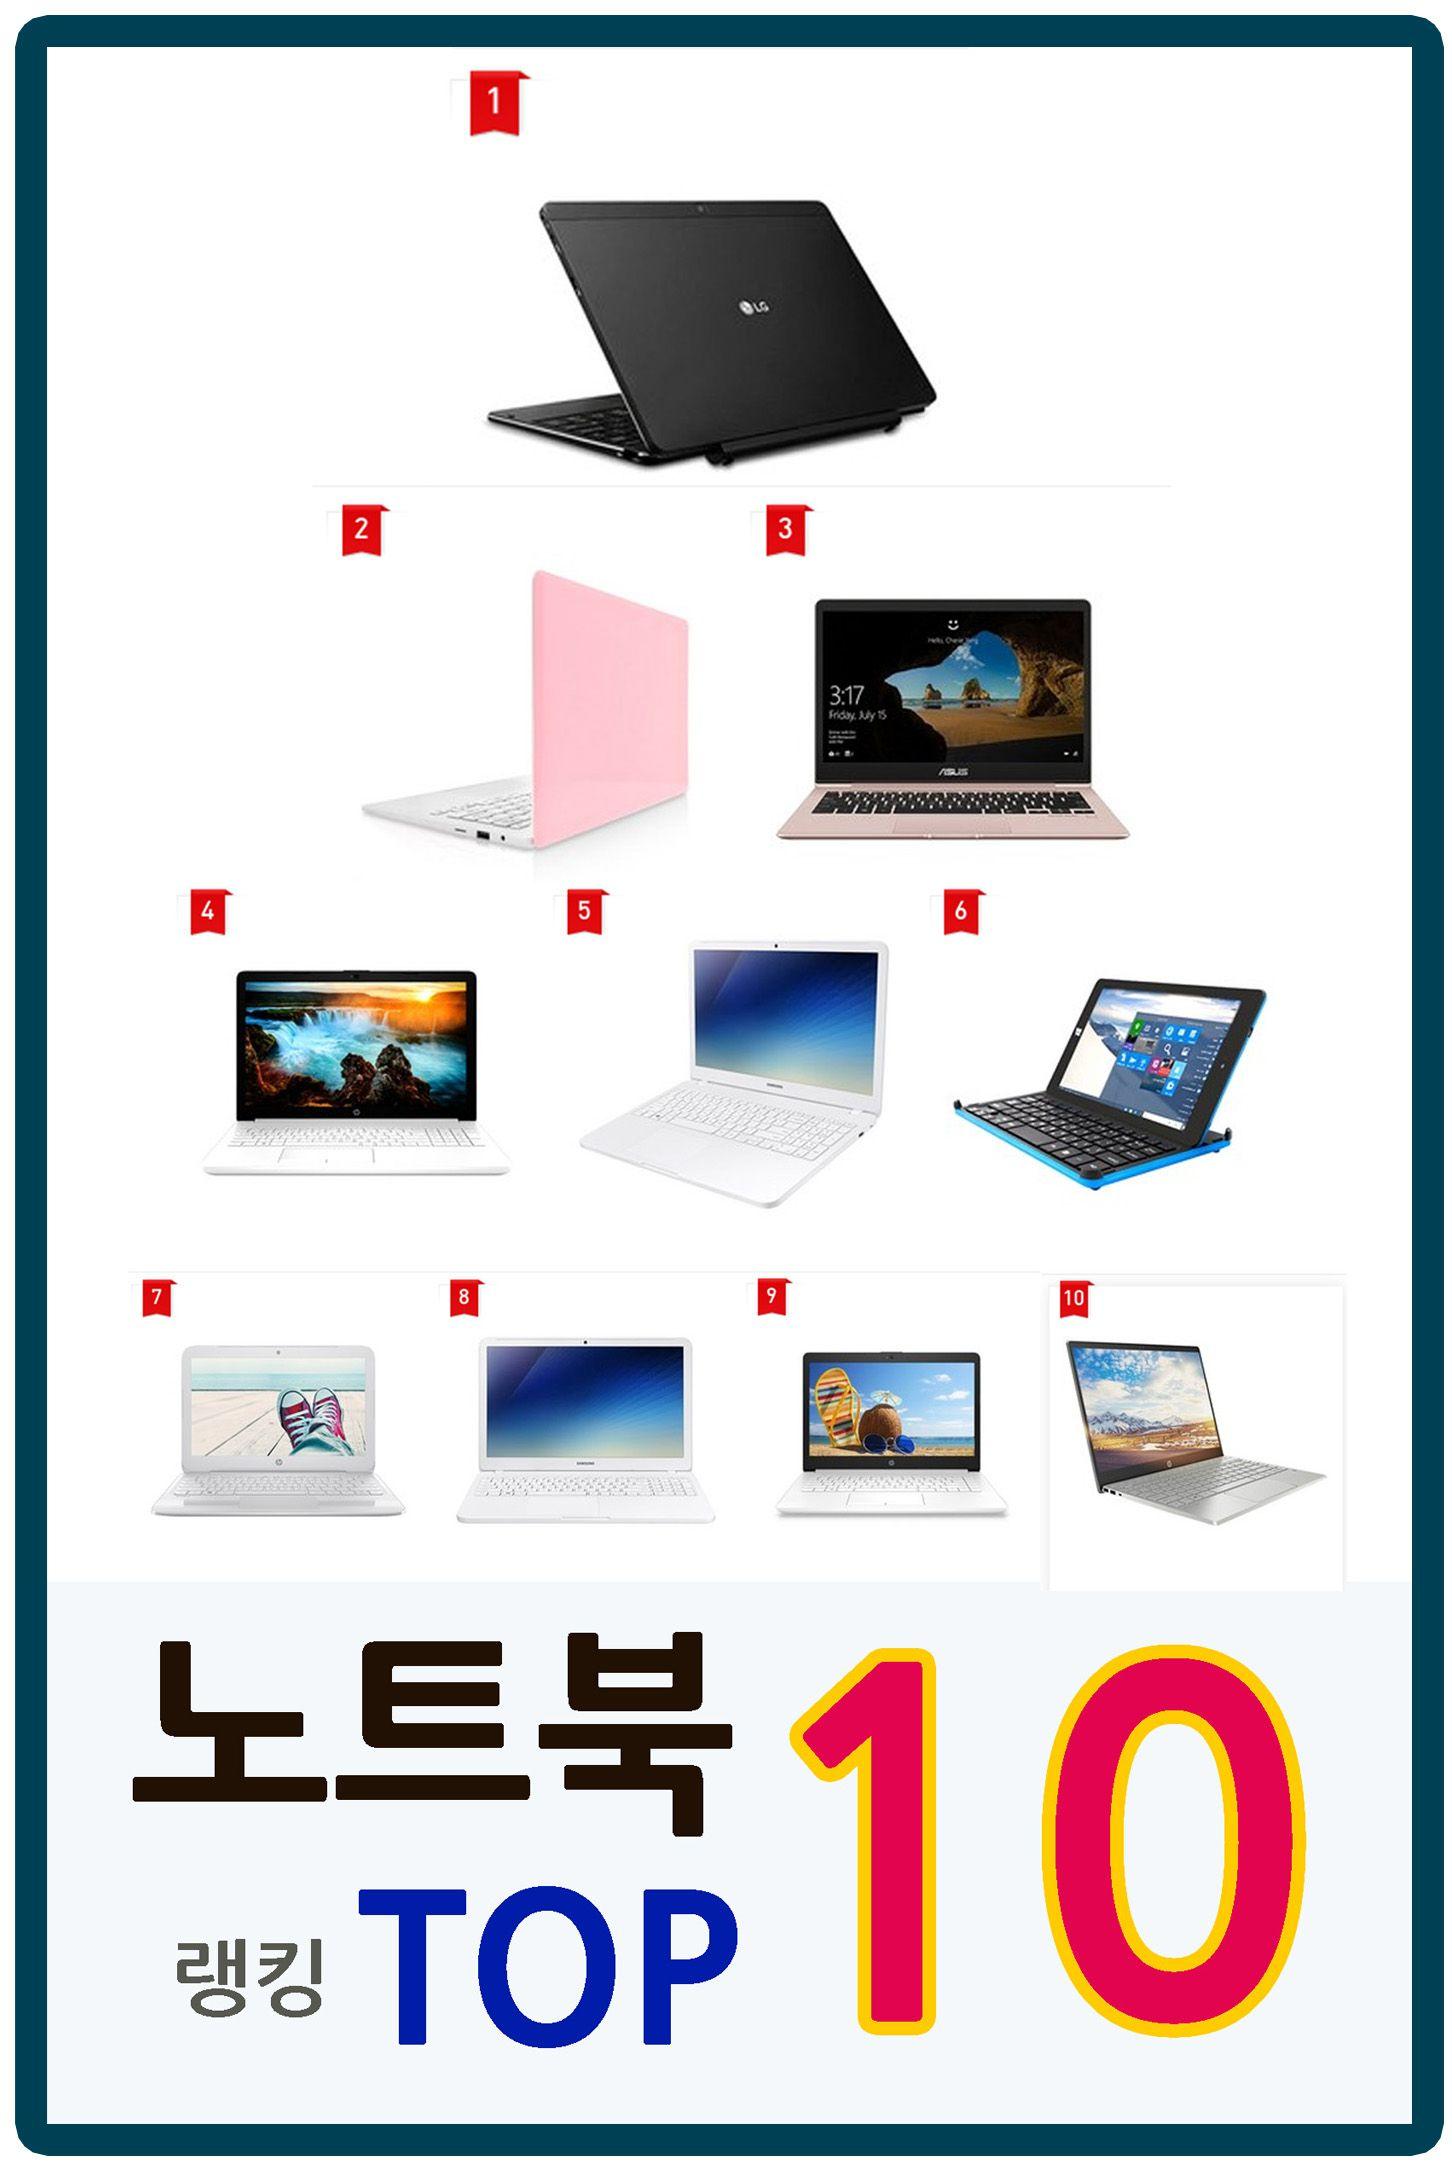 노트북 판매인기 랭킹 Top10 노트북 및 삼성